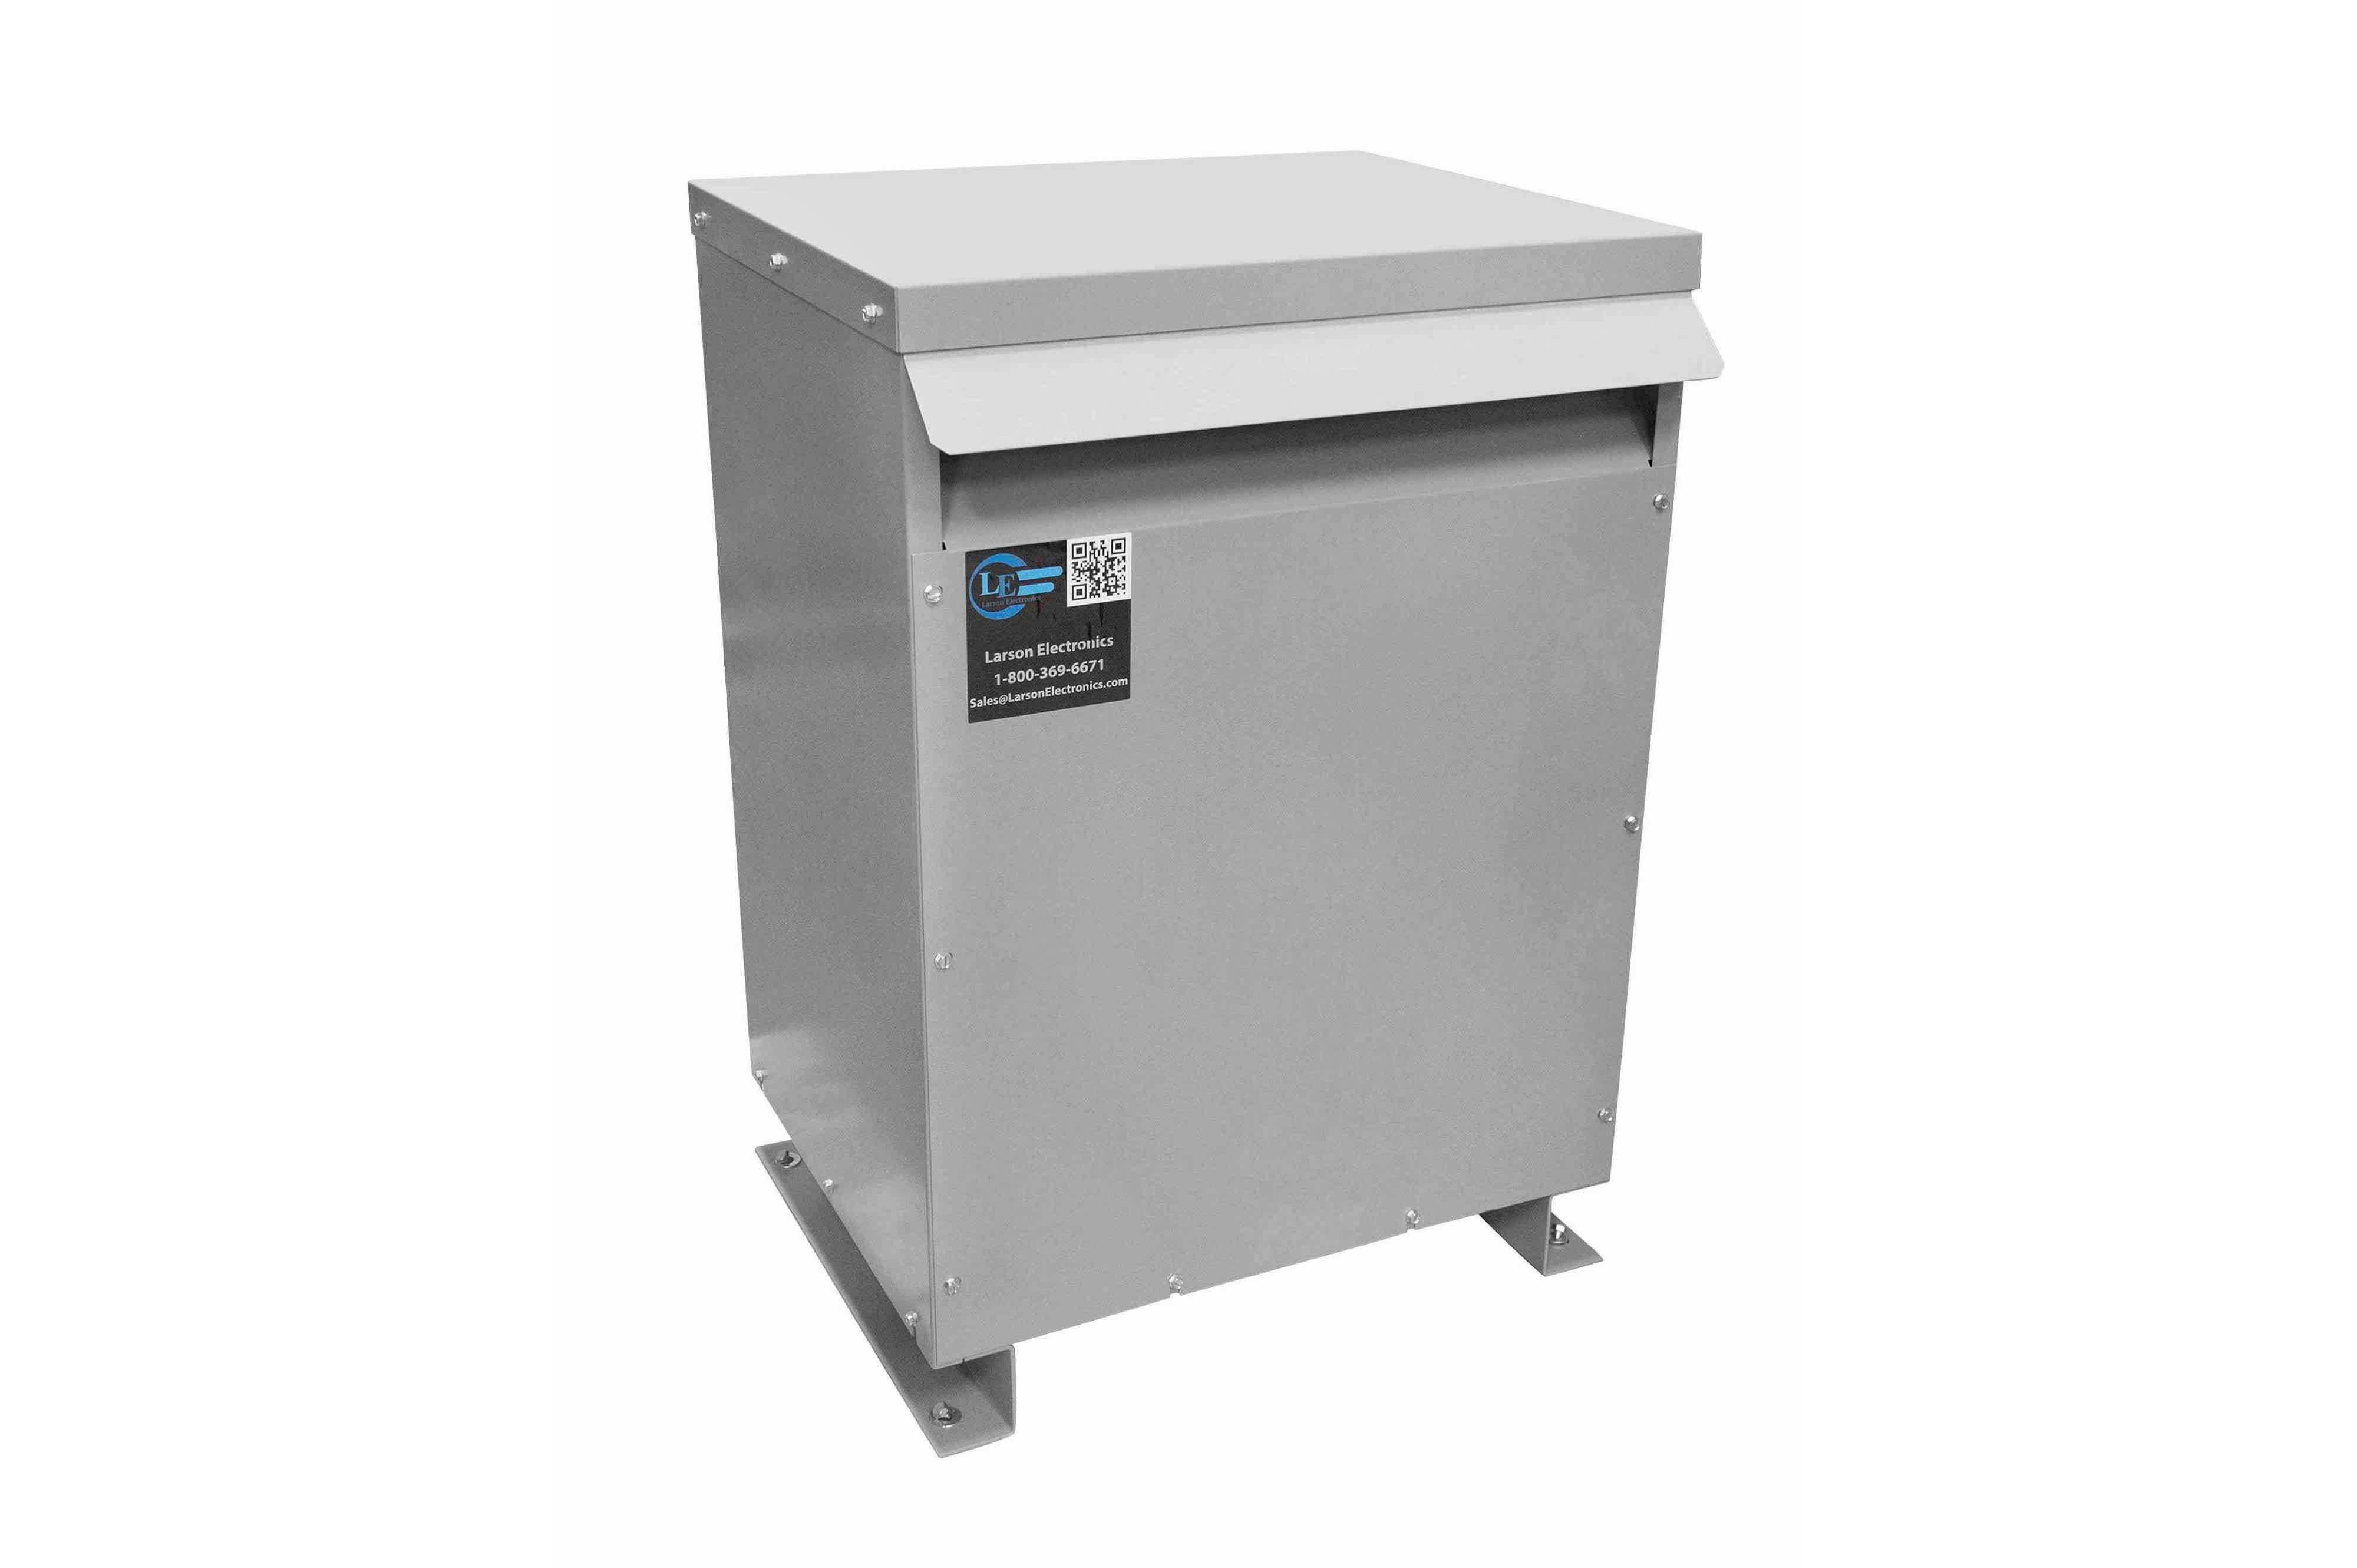 52.5 kVA 3PH Isolation Transformer, 220V Delta Primary, 480V Delta Secondary, N3R, Ventilated, 60 Hz